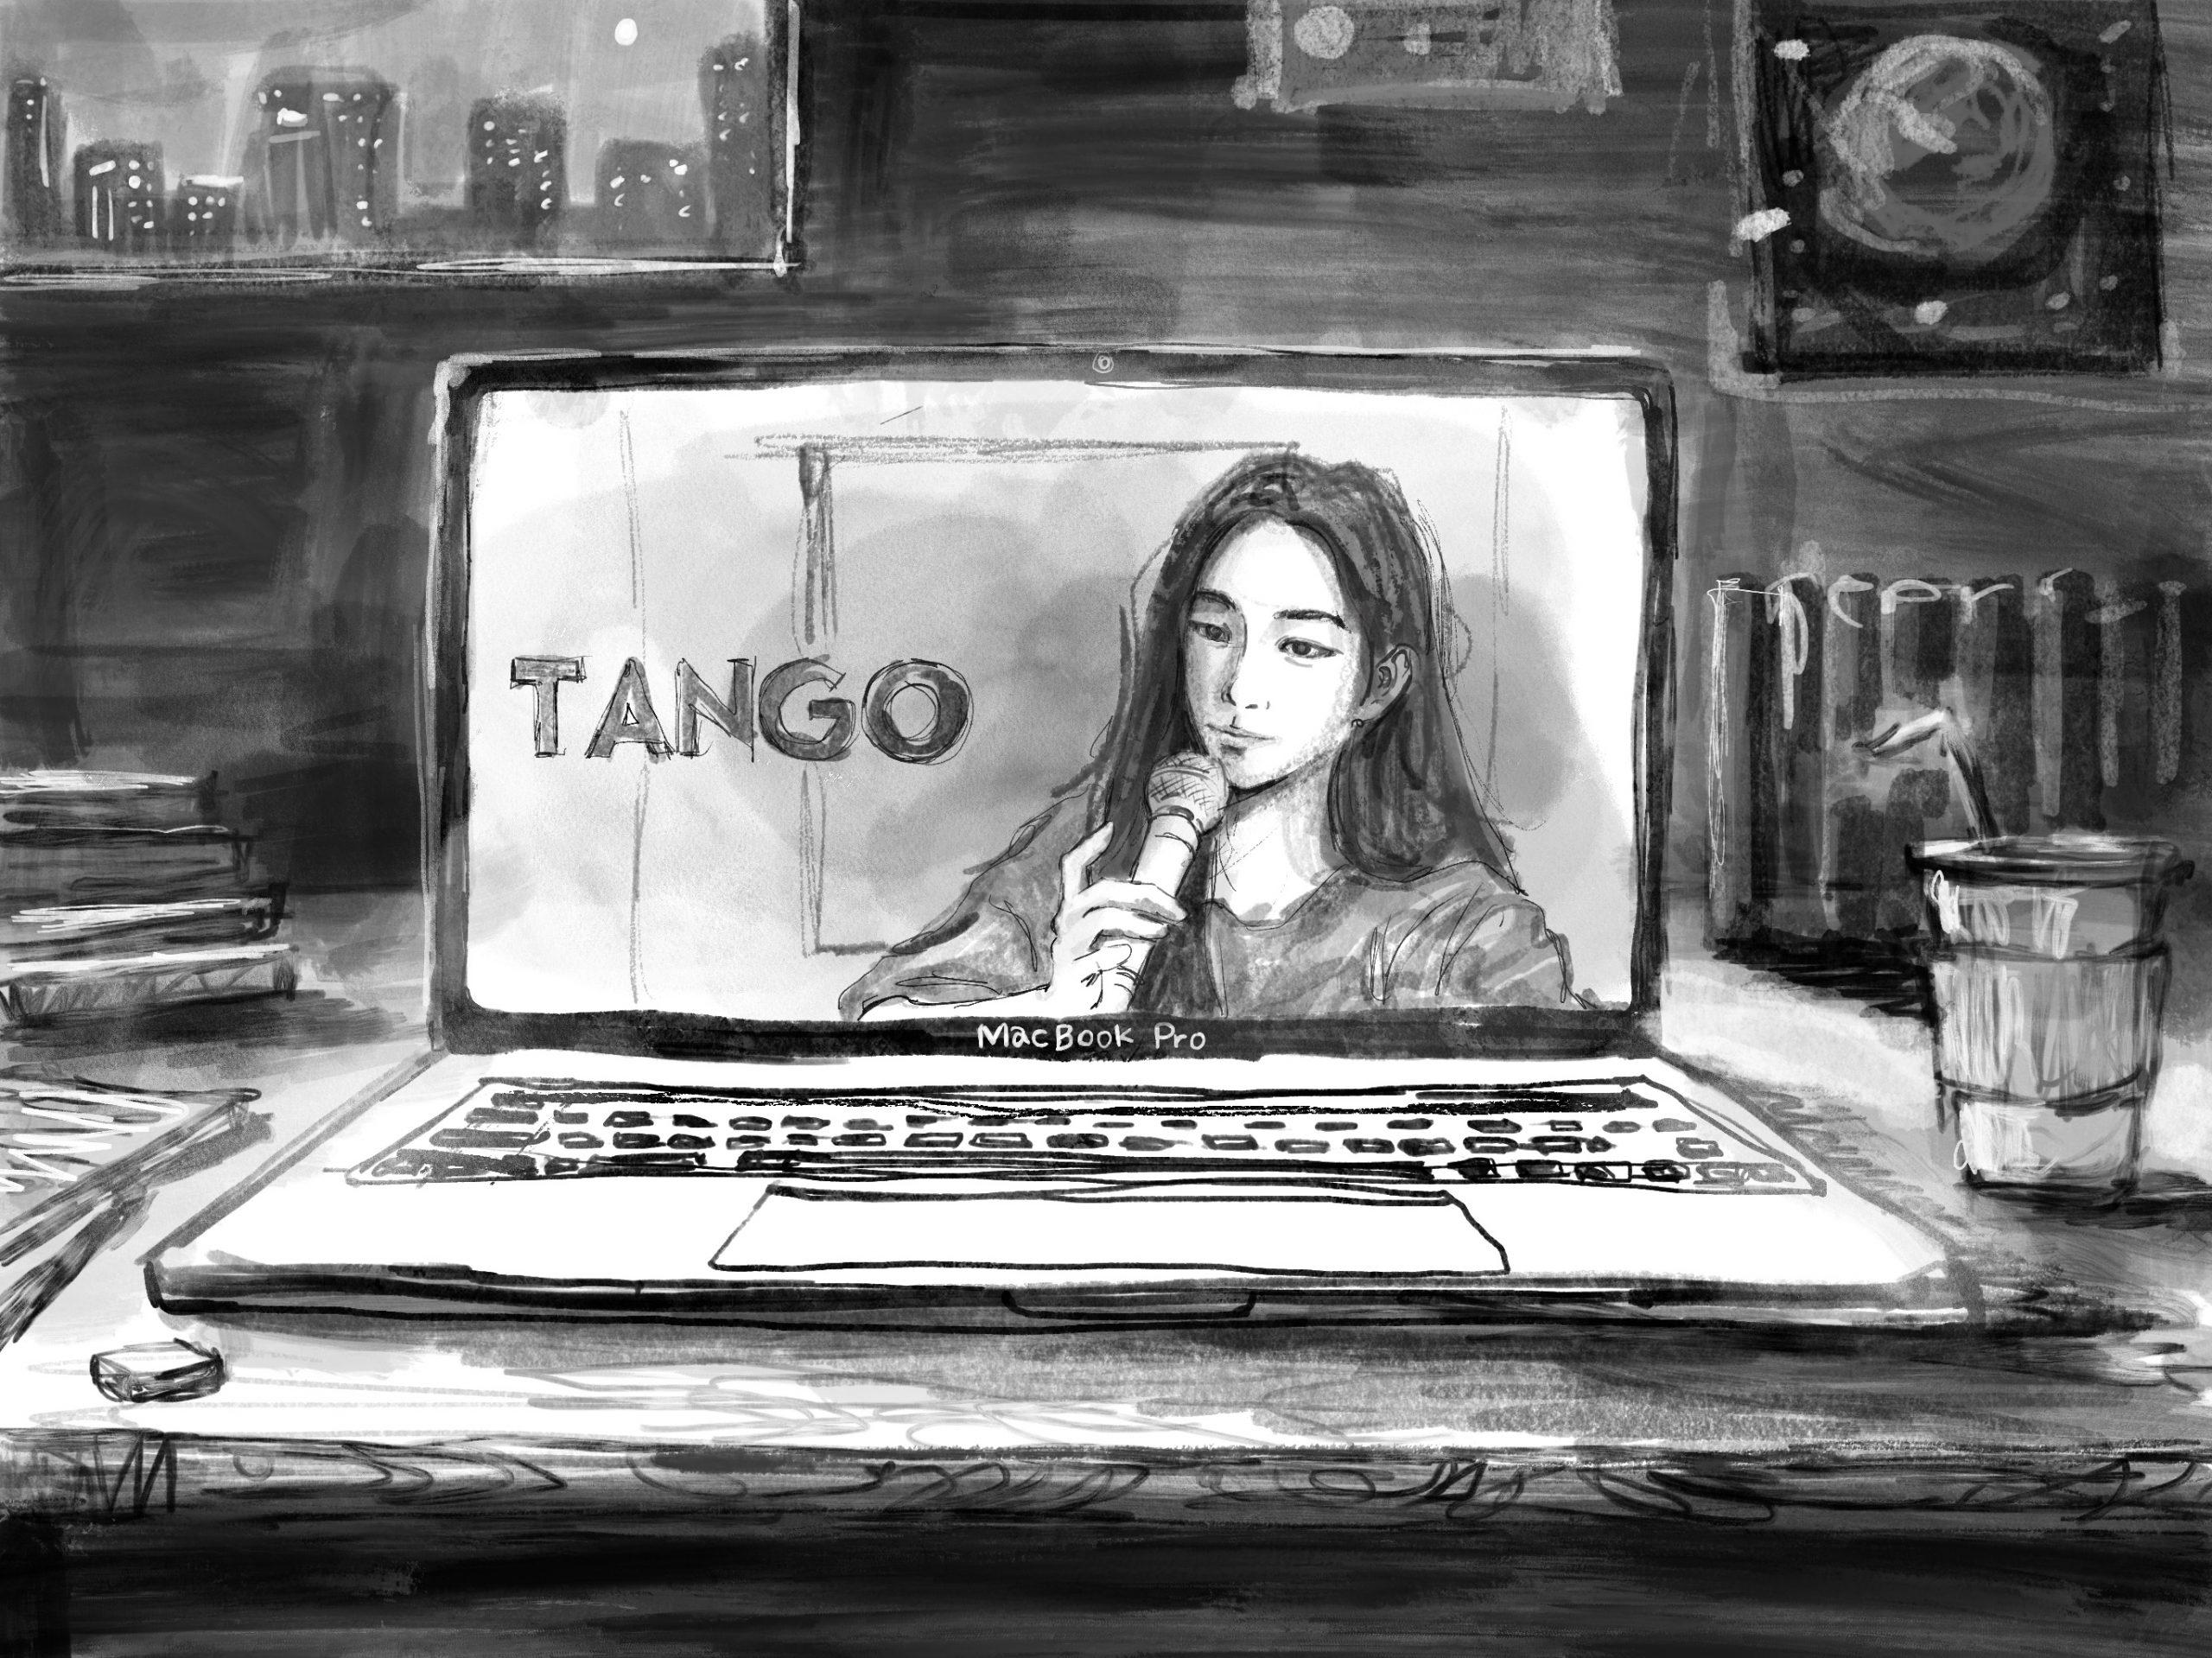 Seori on YouTube